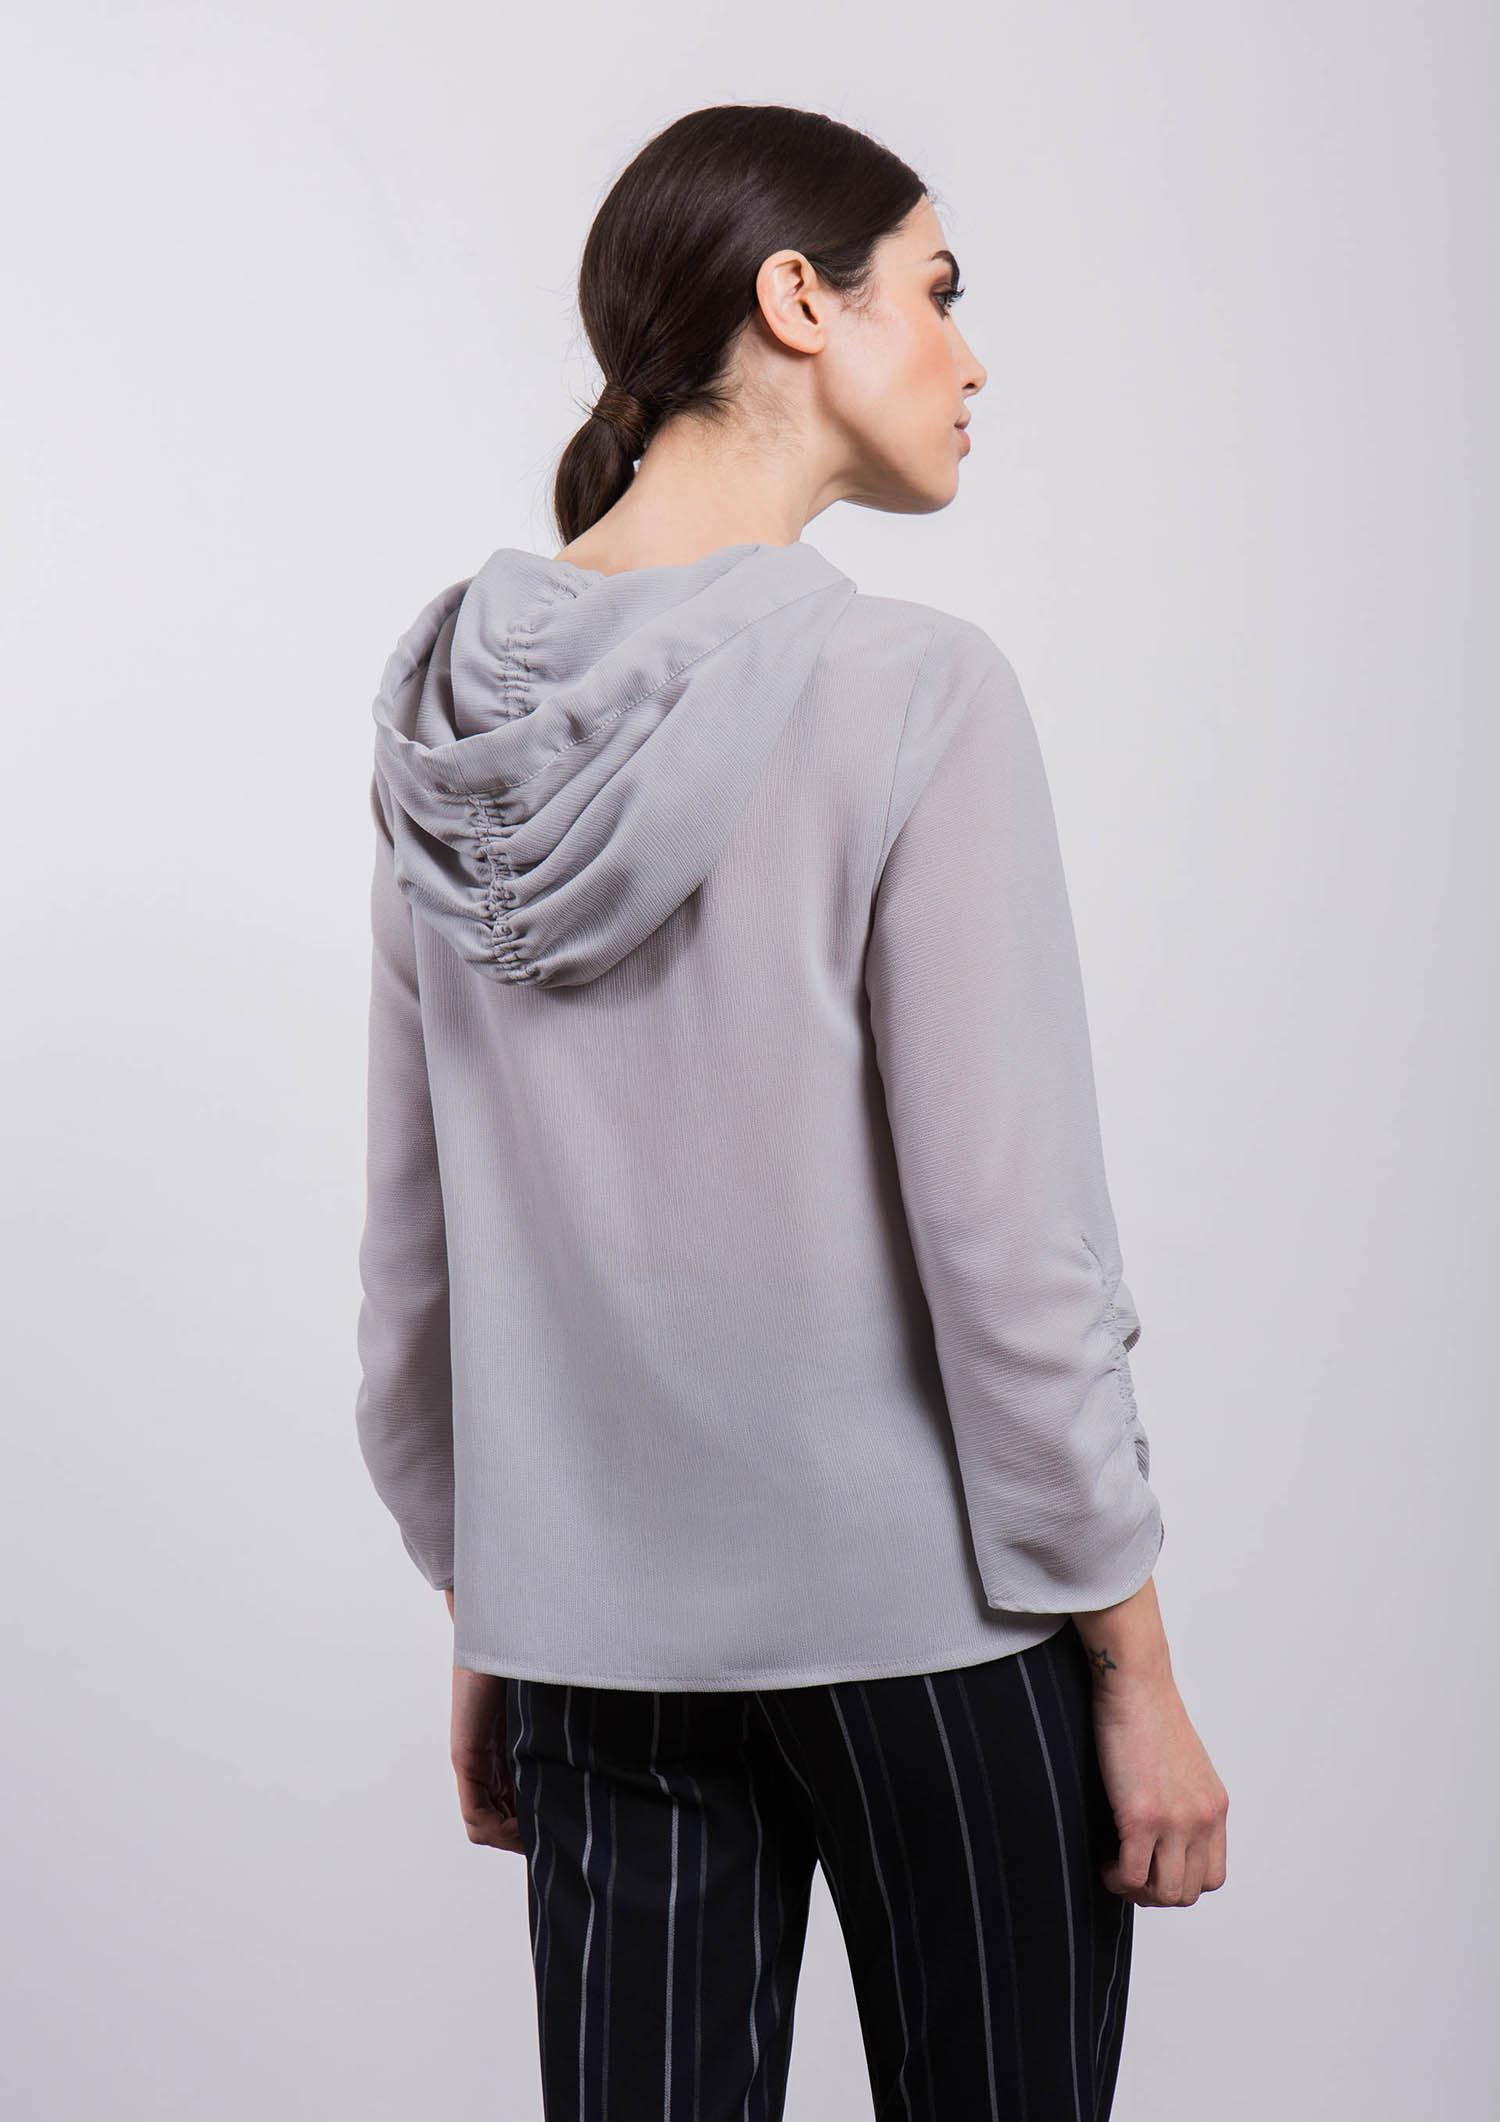 Grey Hooded Top